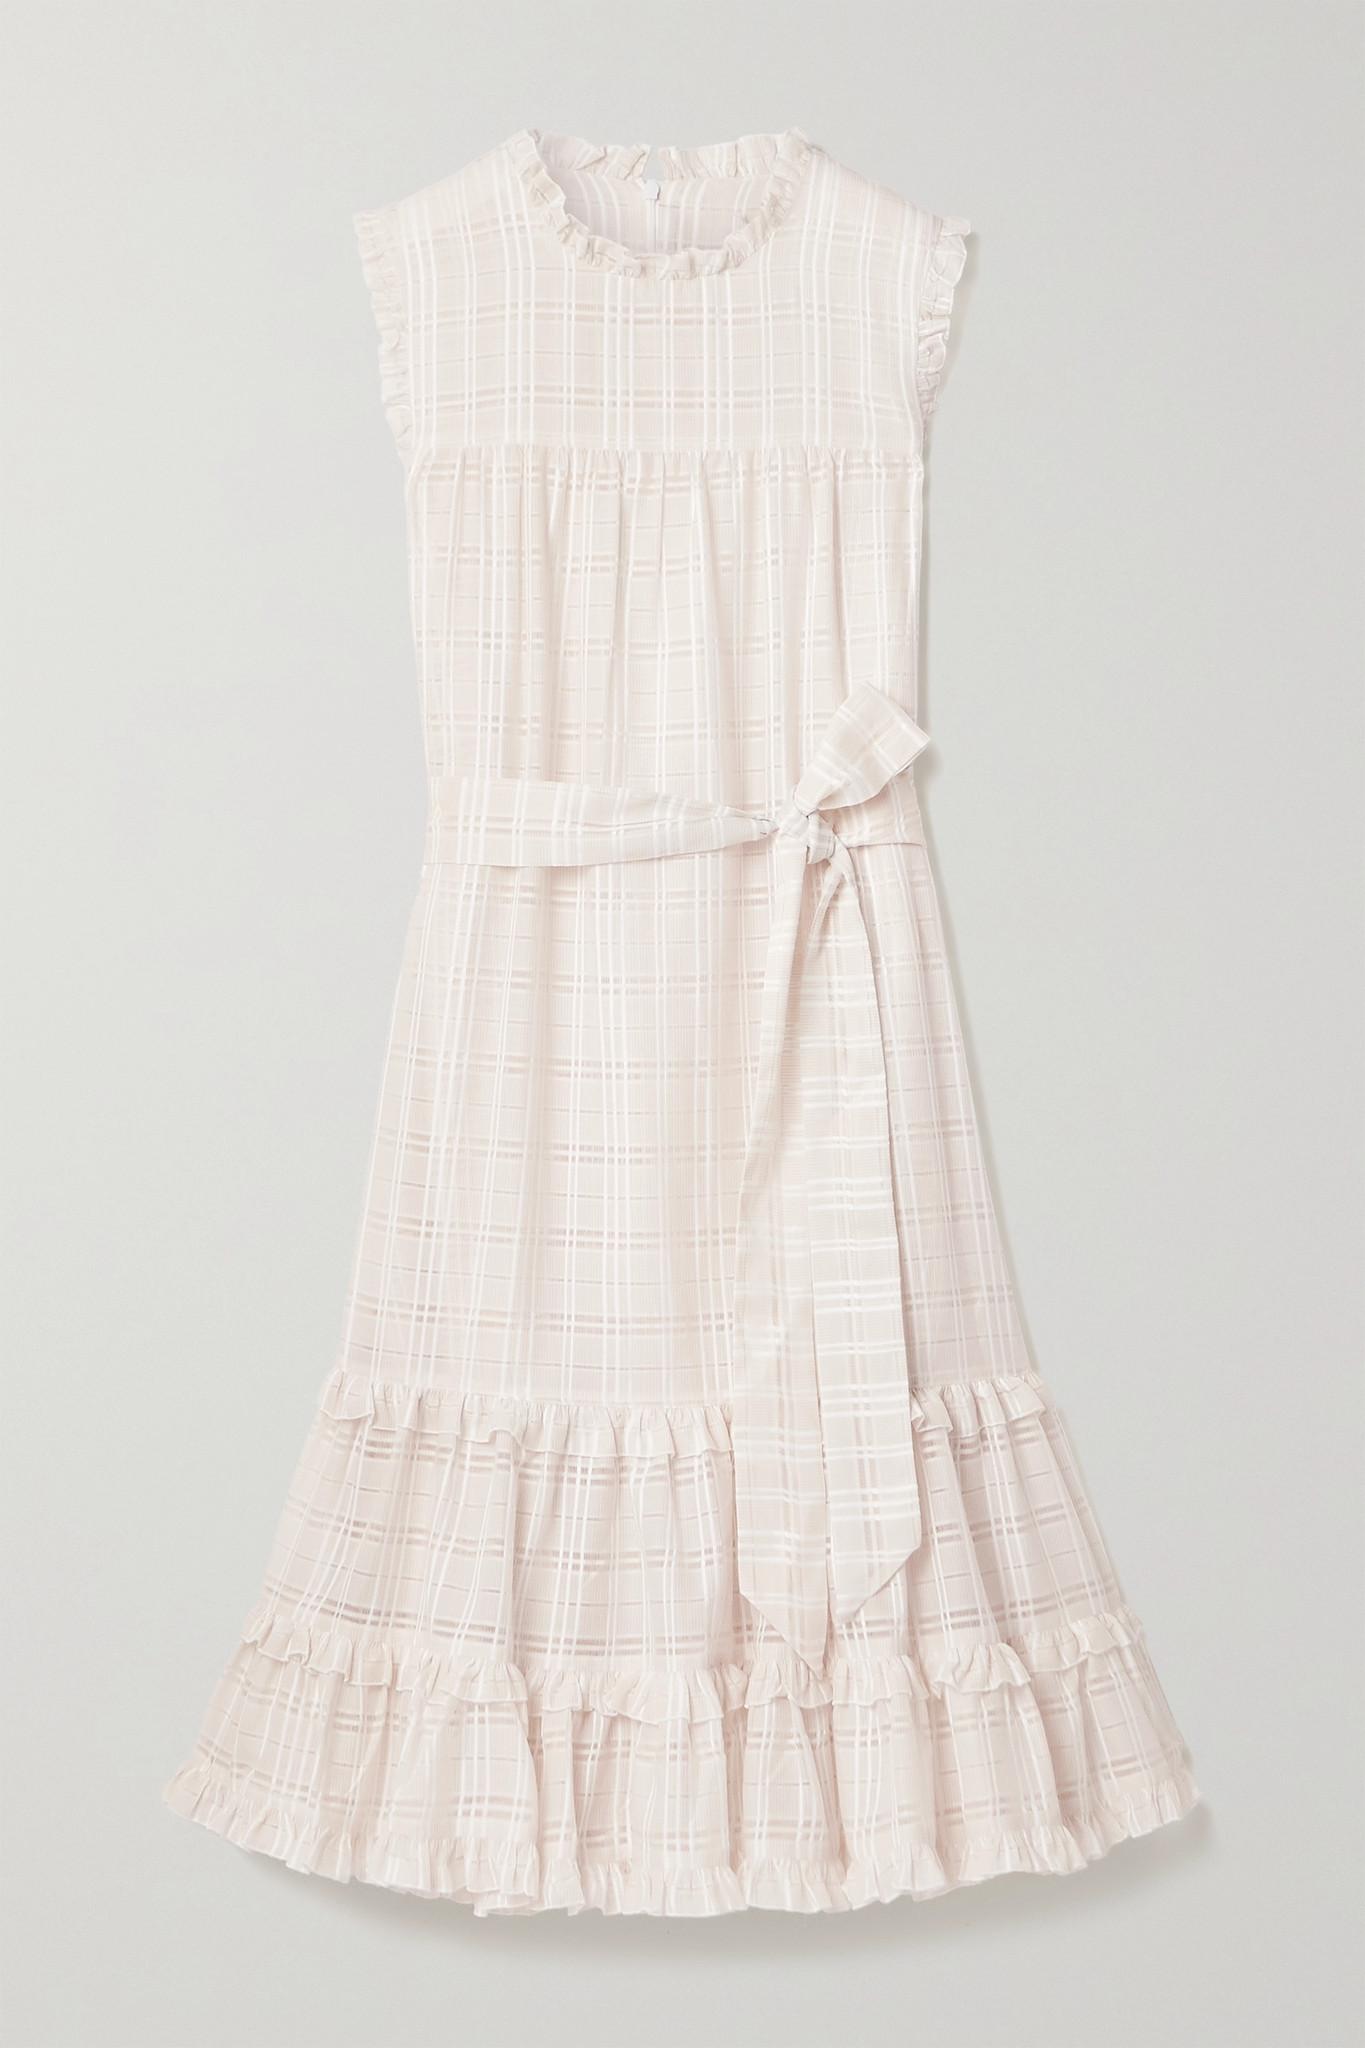 LISA MARIE FERNANDEZ - 【net Sustain】配腰带荷叶边格纹棉质混纺提花中长连衣裙 - 中性色 - 2